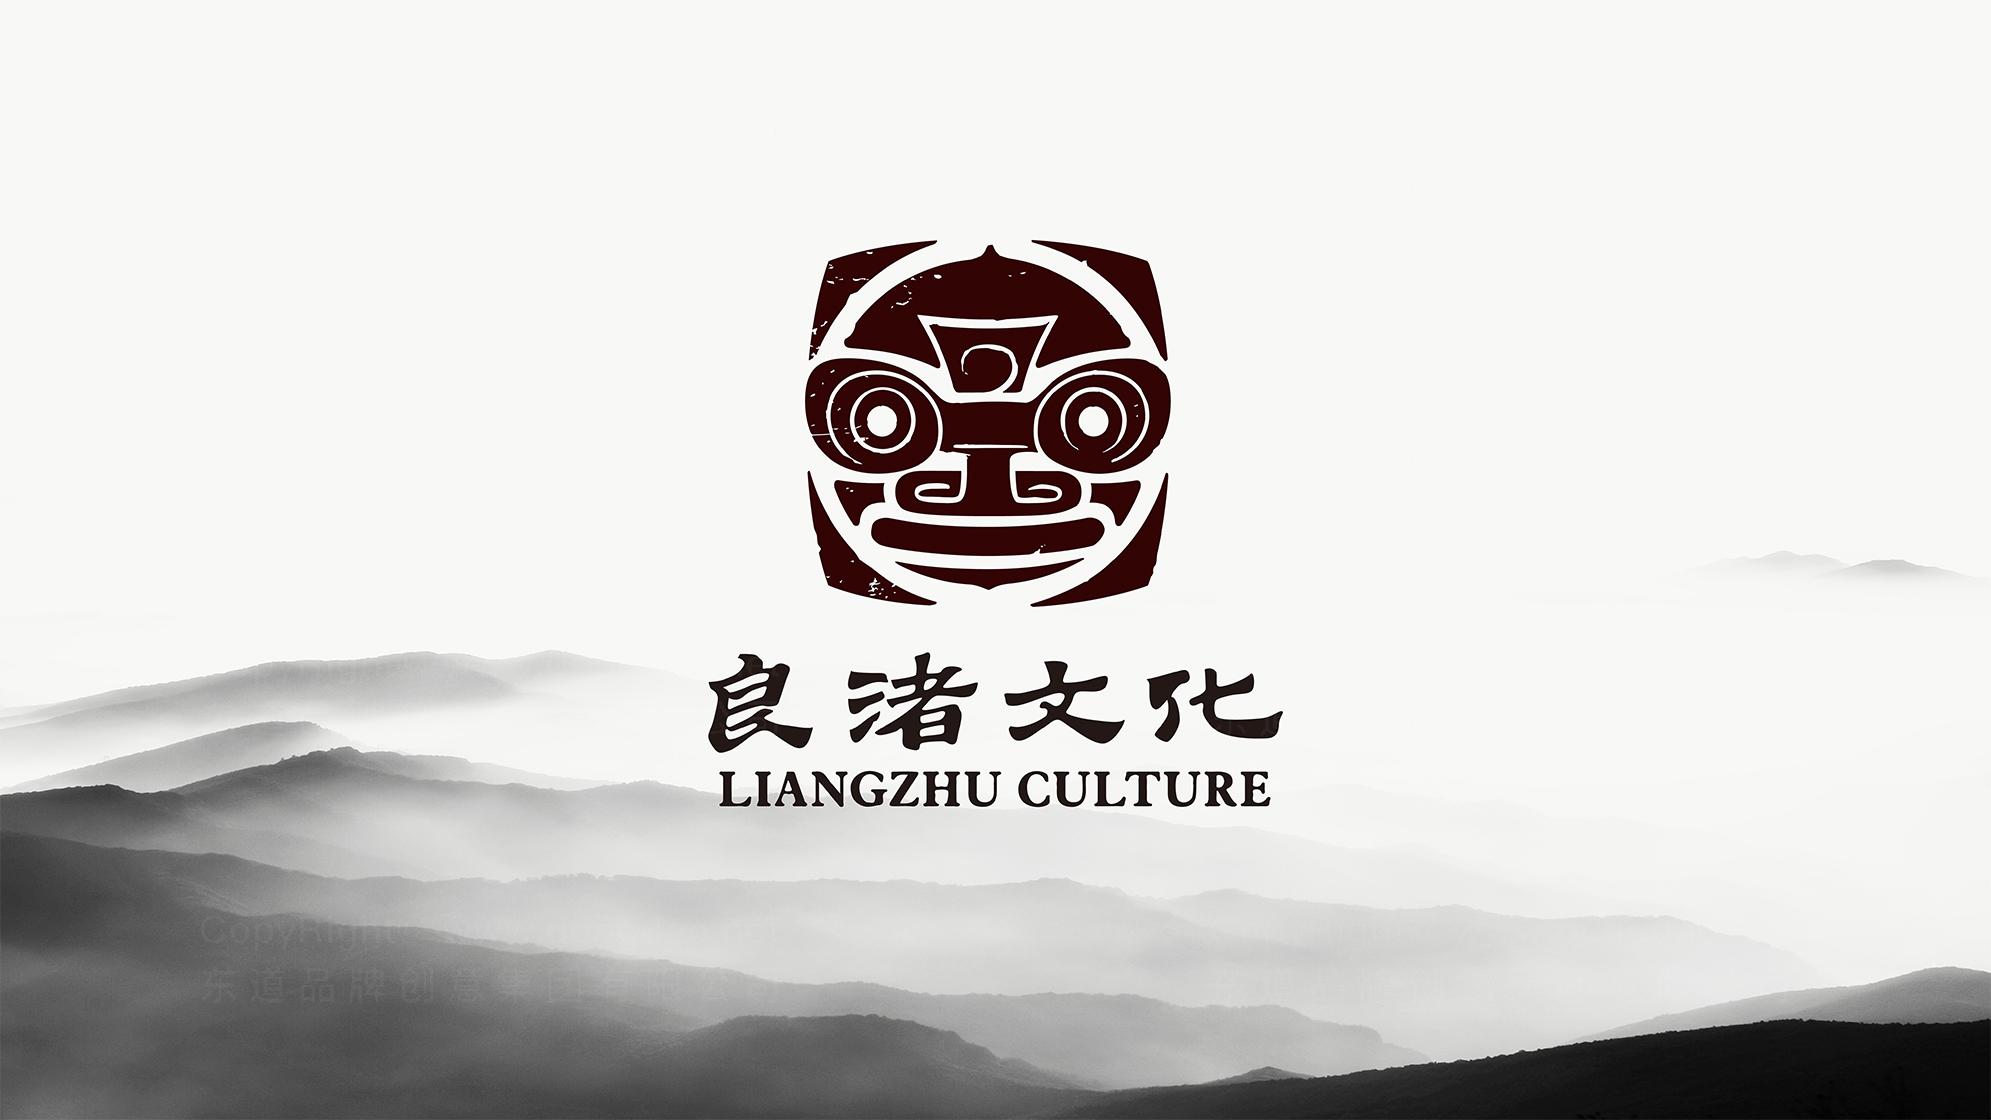 东道文创案例良渚文化文化产品设计